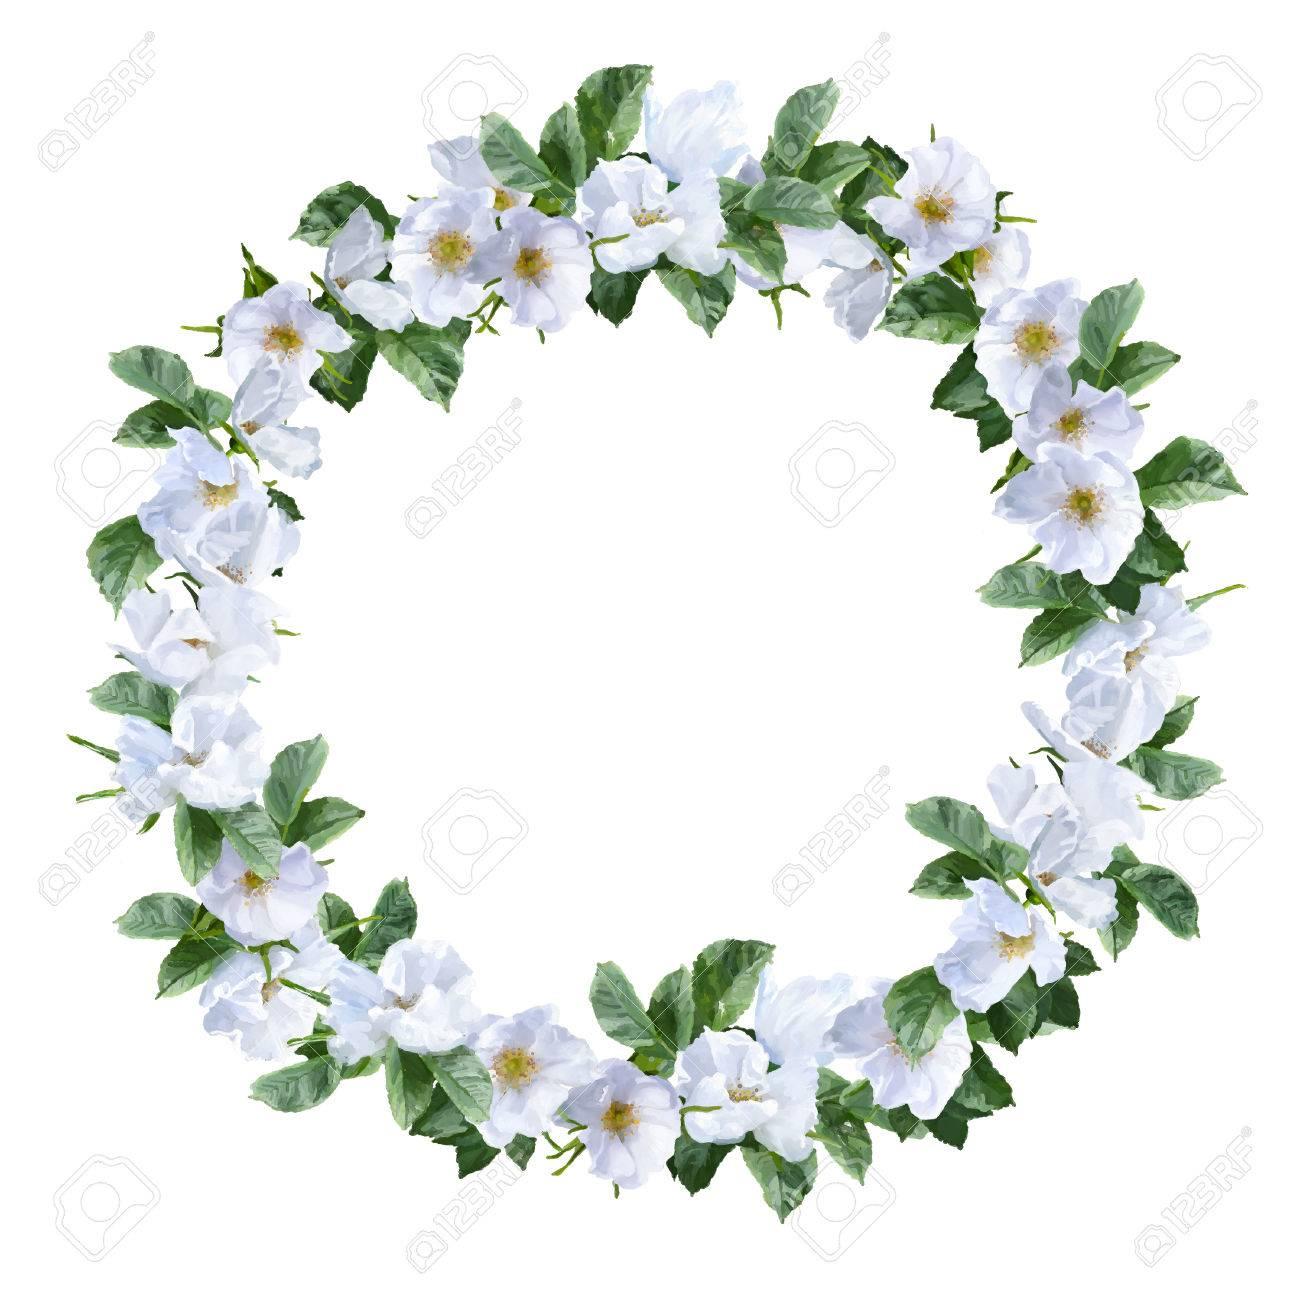 Aquarelle Decoratif Couronne De La Peinture Avec Des Fleurs Blanches